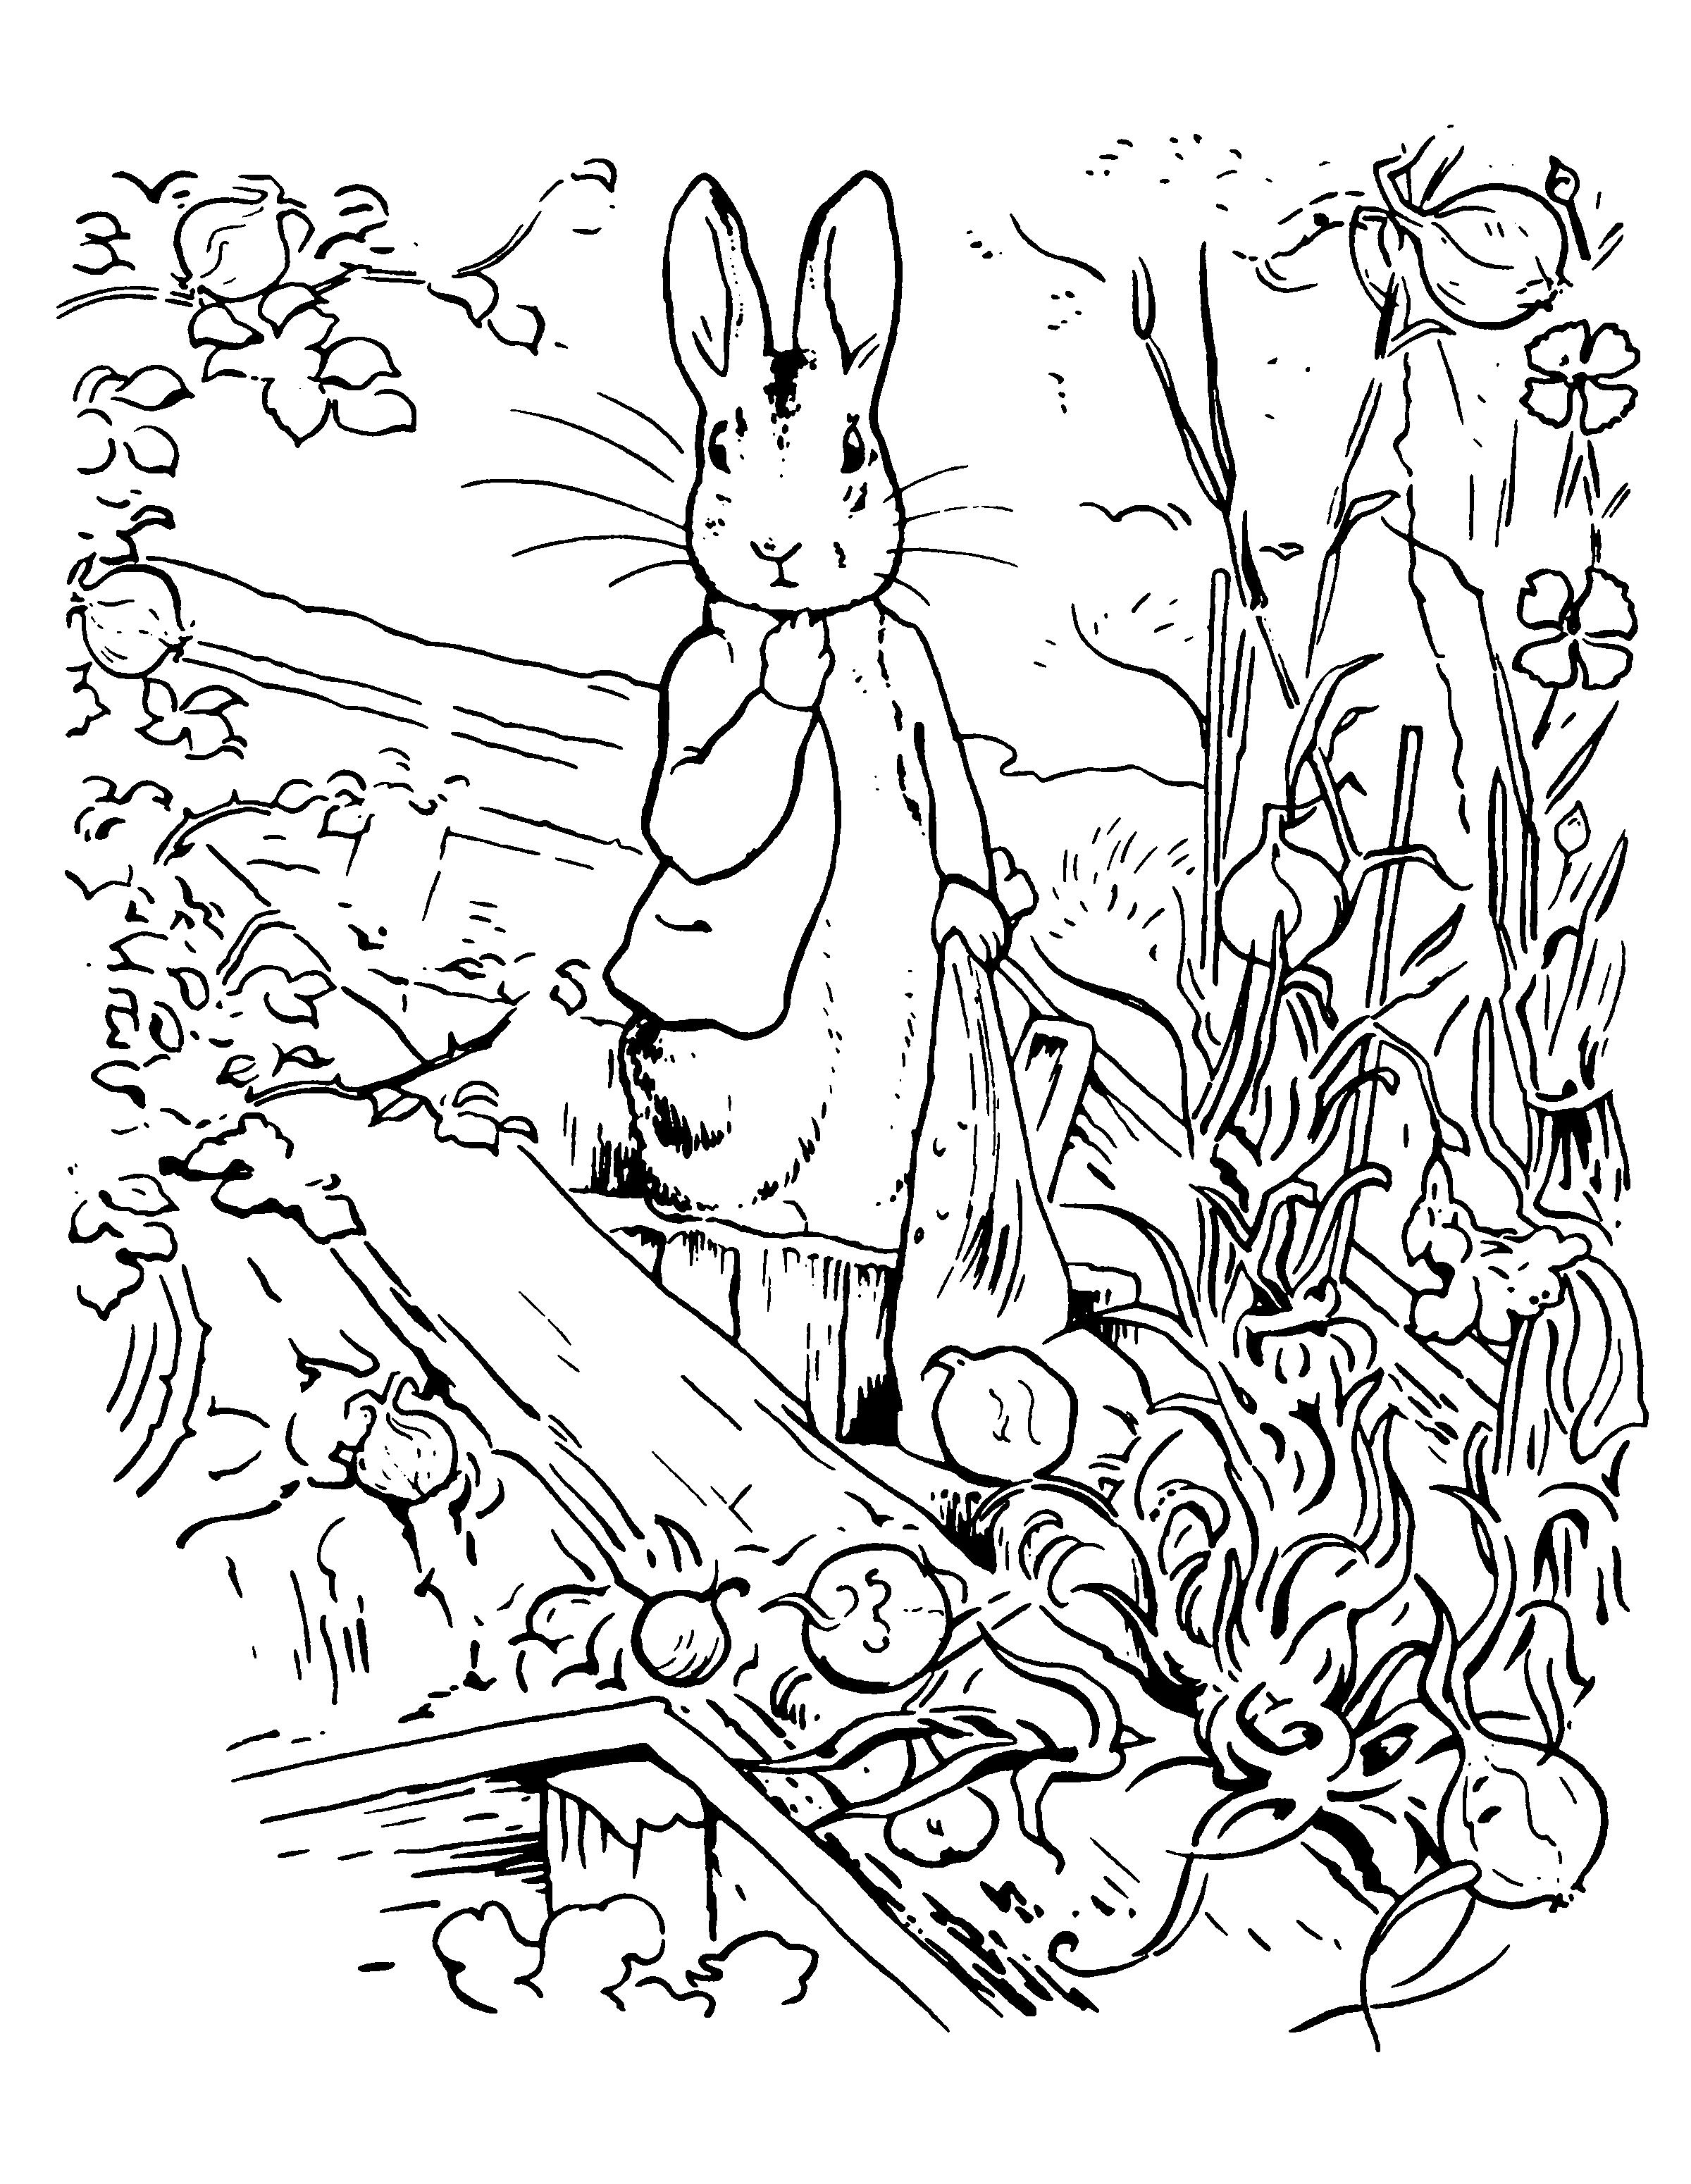 pieter konijn kleurplaat01 topkleurplaat nl